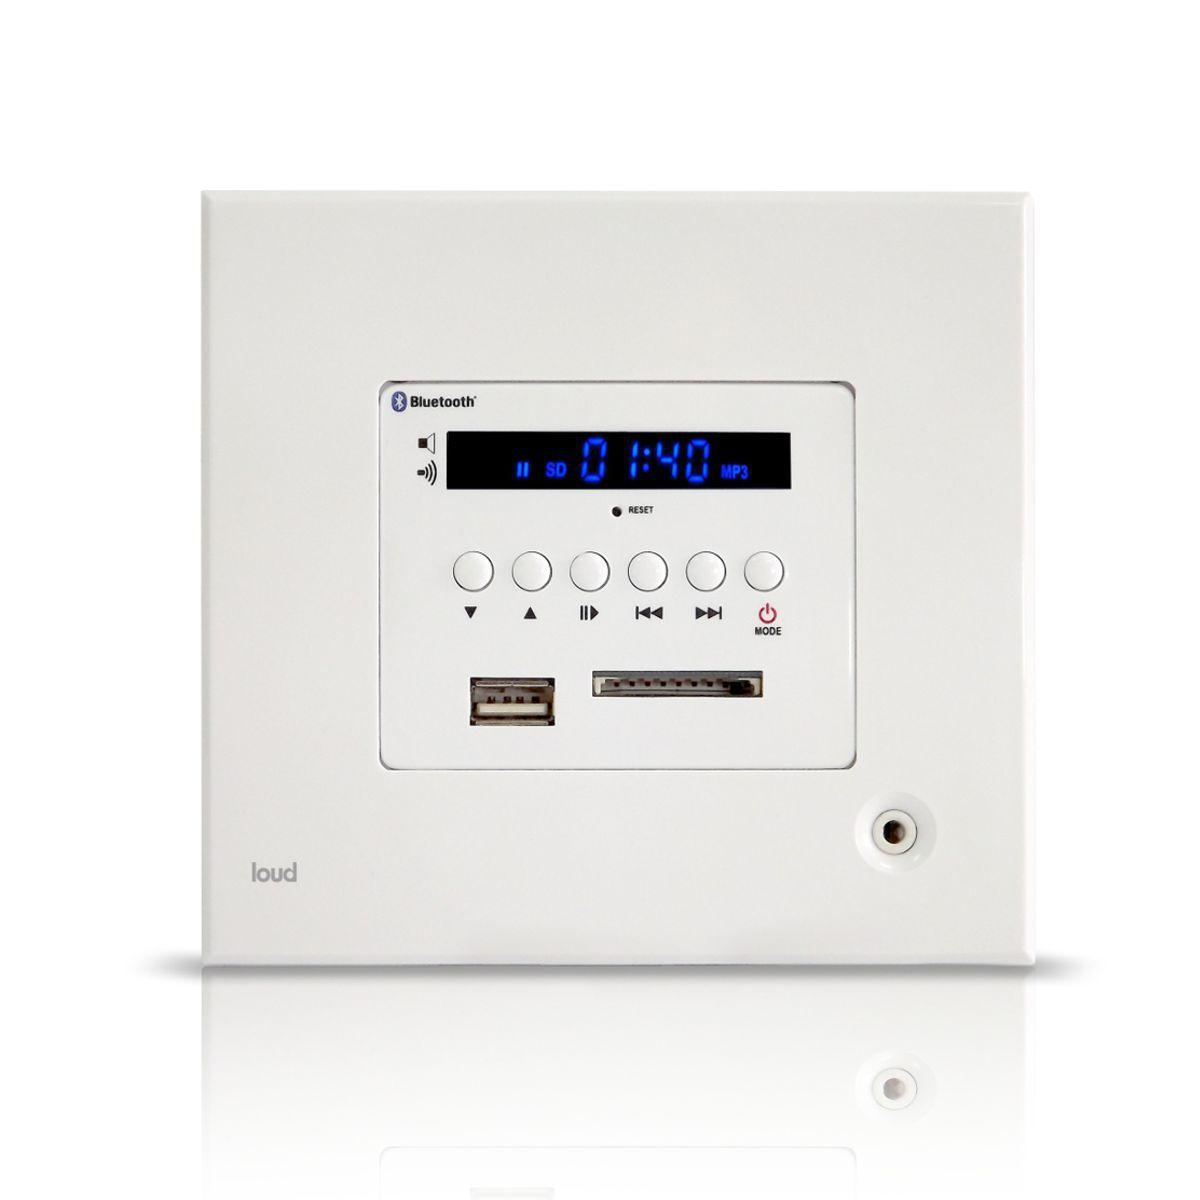 Kit Amplificador de Parede Bluetooth LAC LX BT + 4 Caixas Acústicas de Embutir SQ5-50 Loud